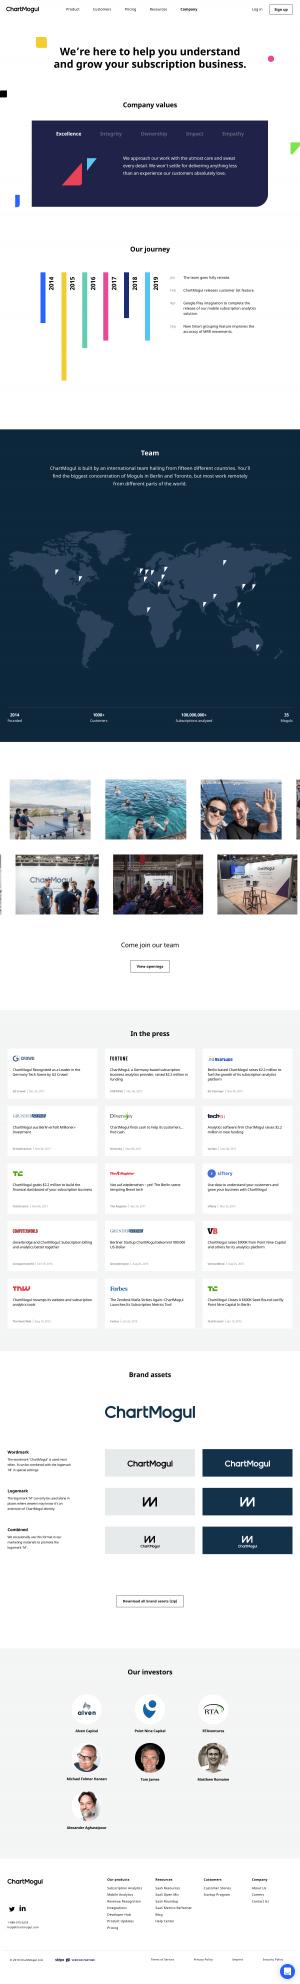 ChartMogul - About us page